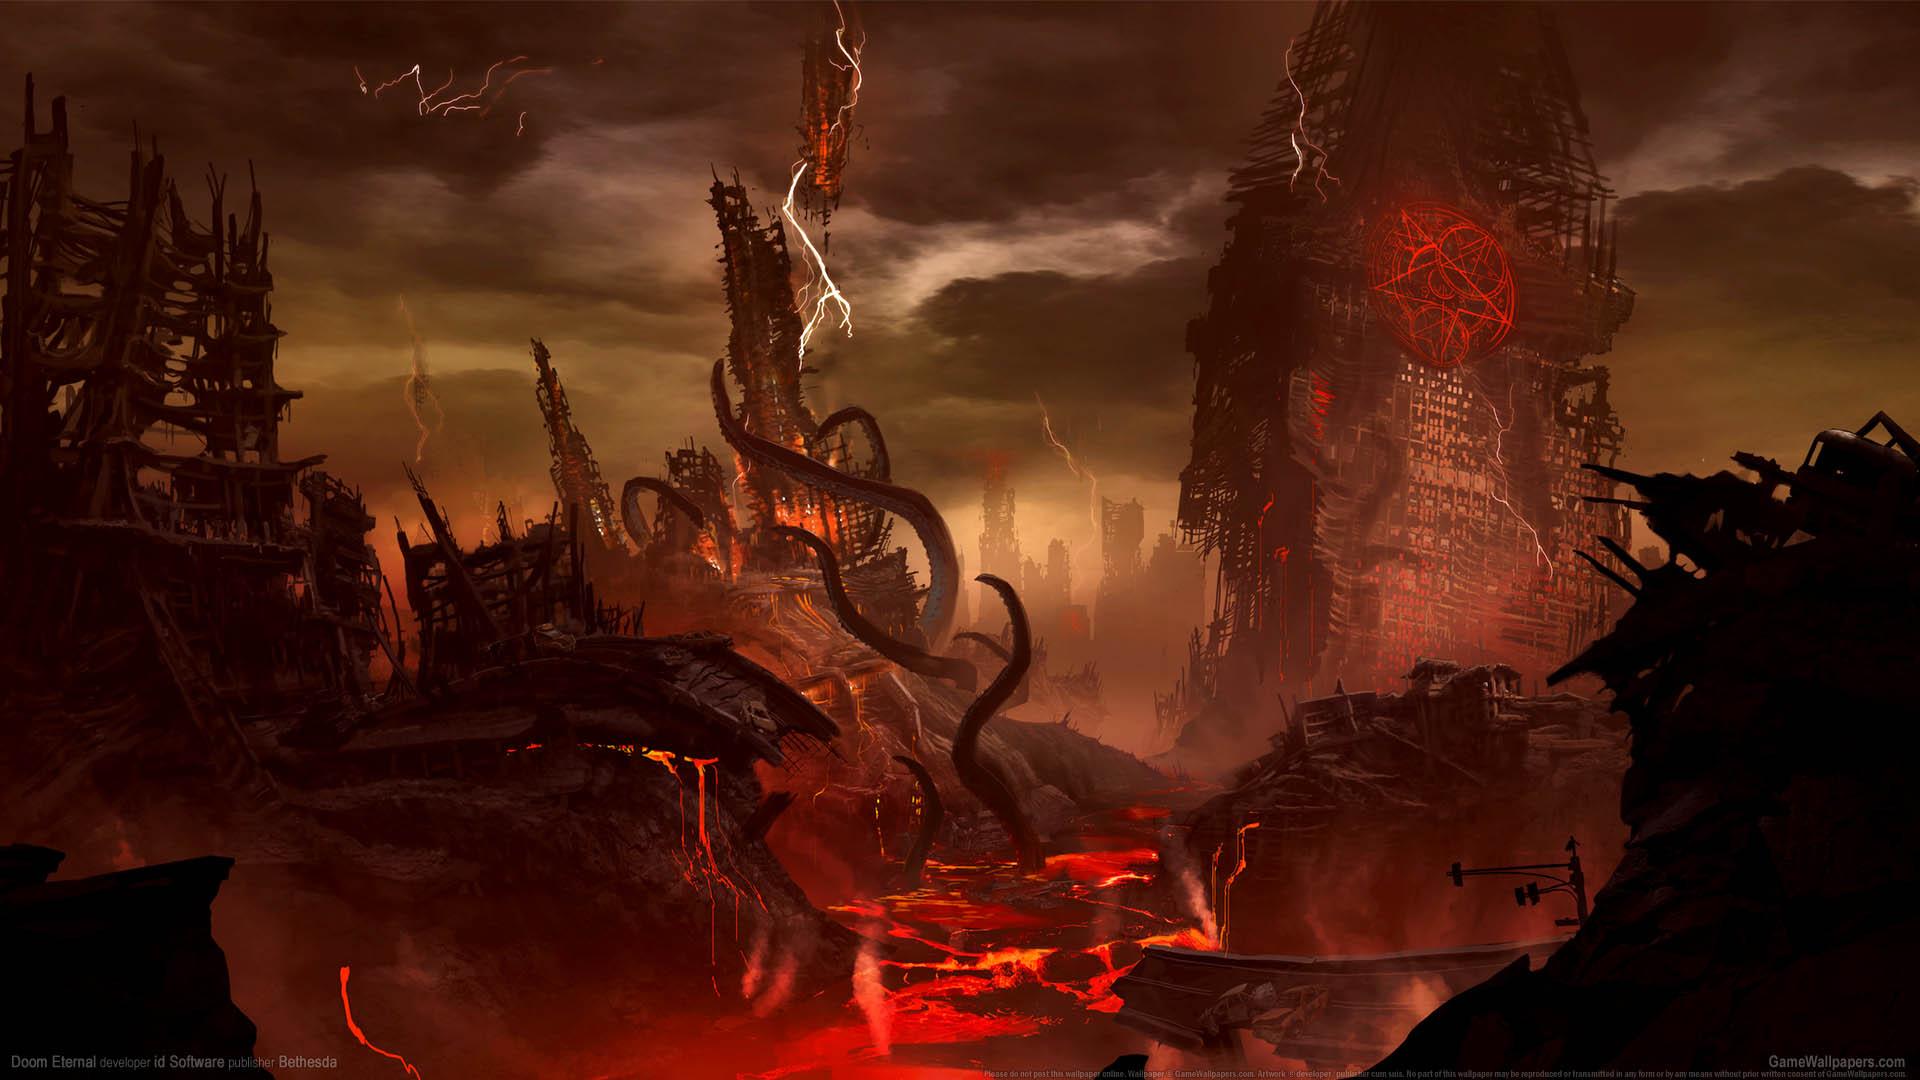 Doom Eternal wallpaper 01 1920x1080